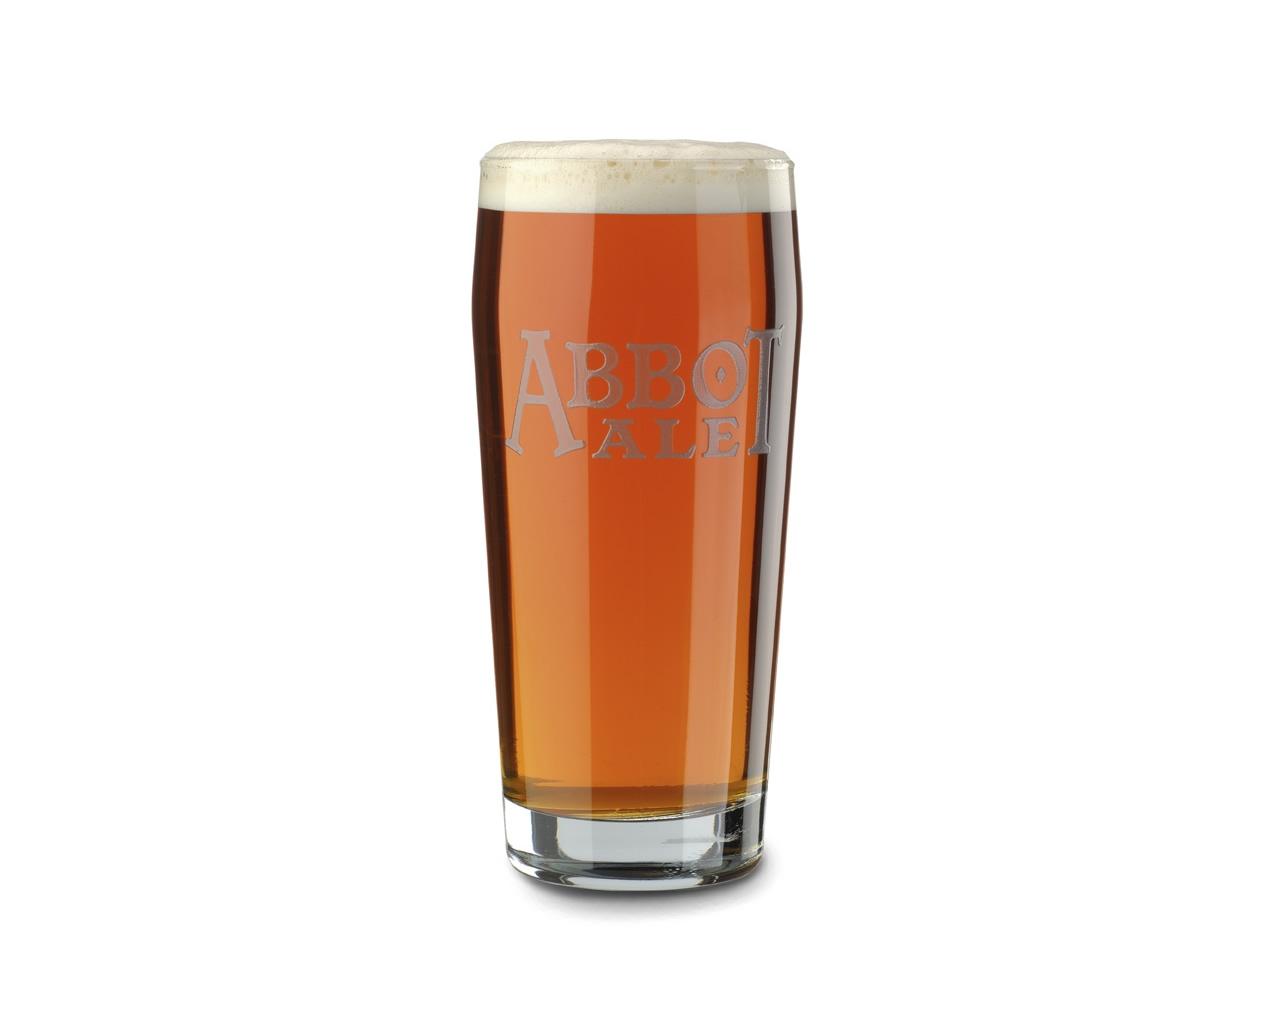 Wallpaper Drink Alcohol Mug Distilled Beverage Glass